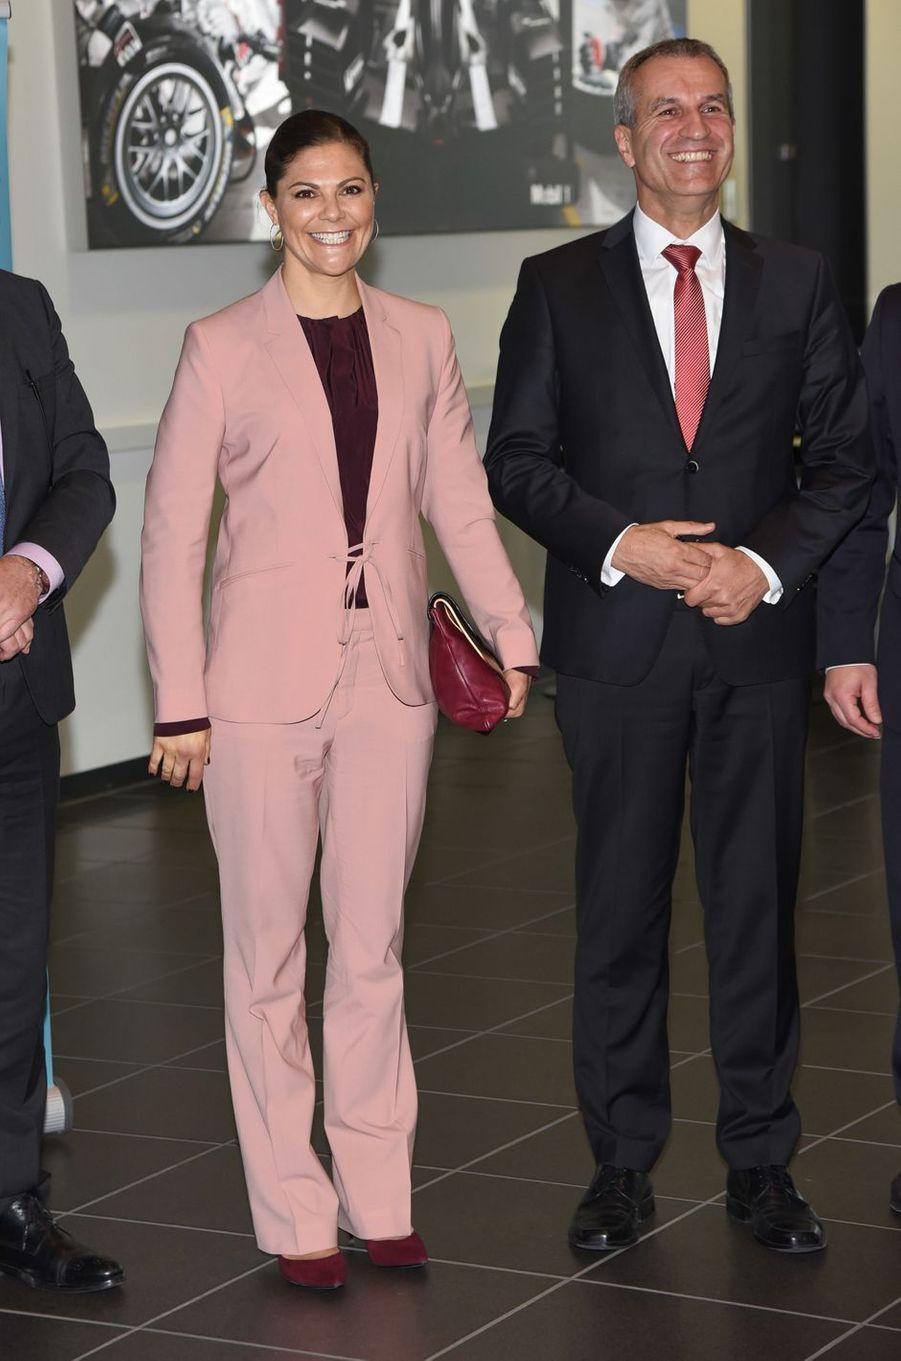 La princesse Victoria de Suède en tailleur rose à Leipzig, le 23 novembre 2017